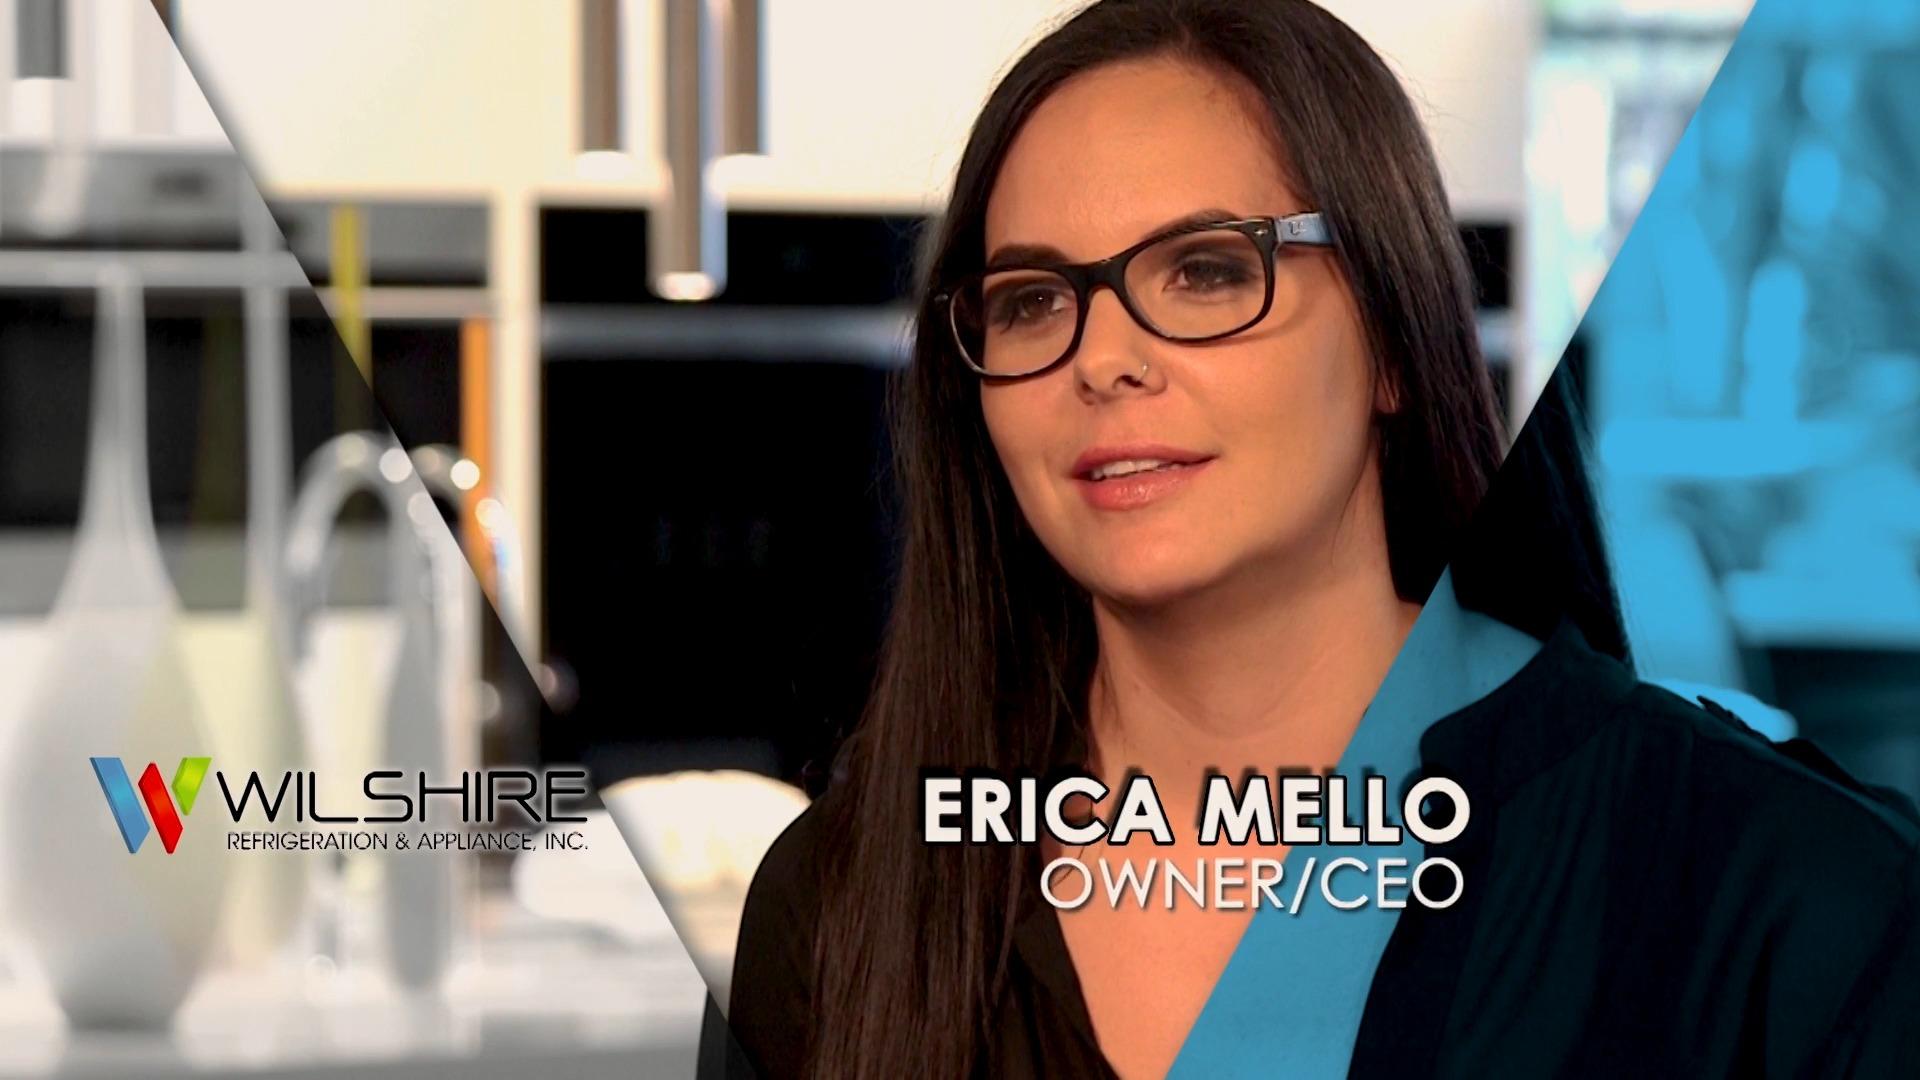 Erica Mello